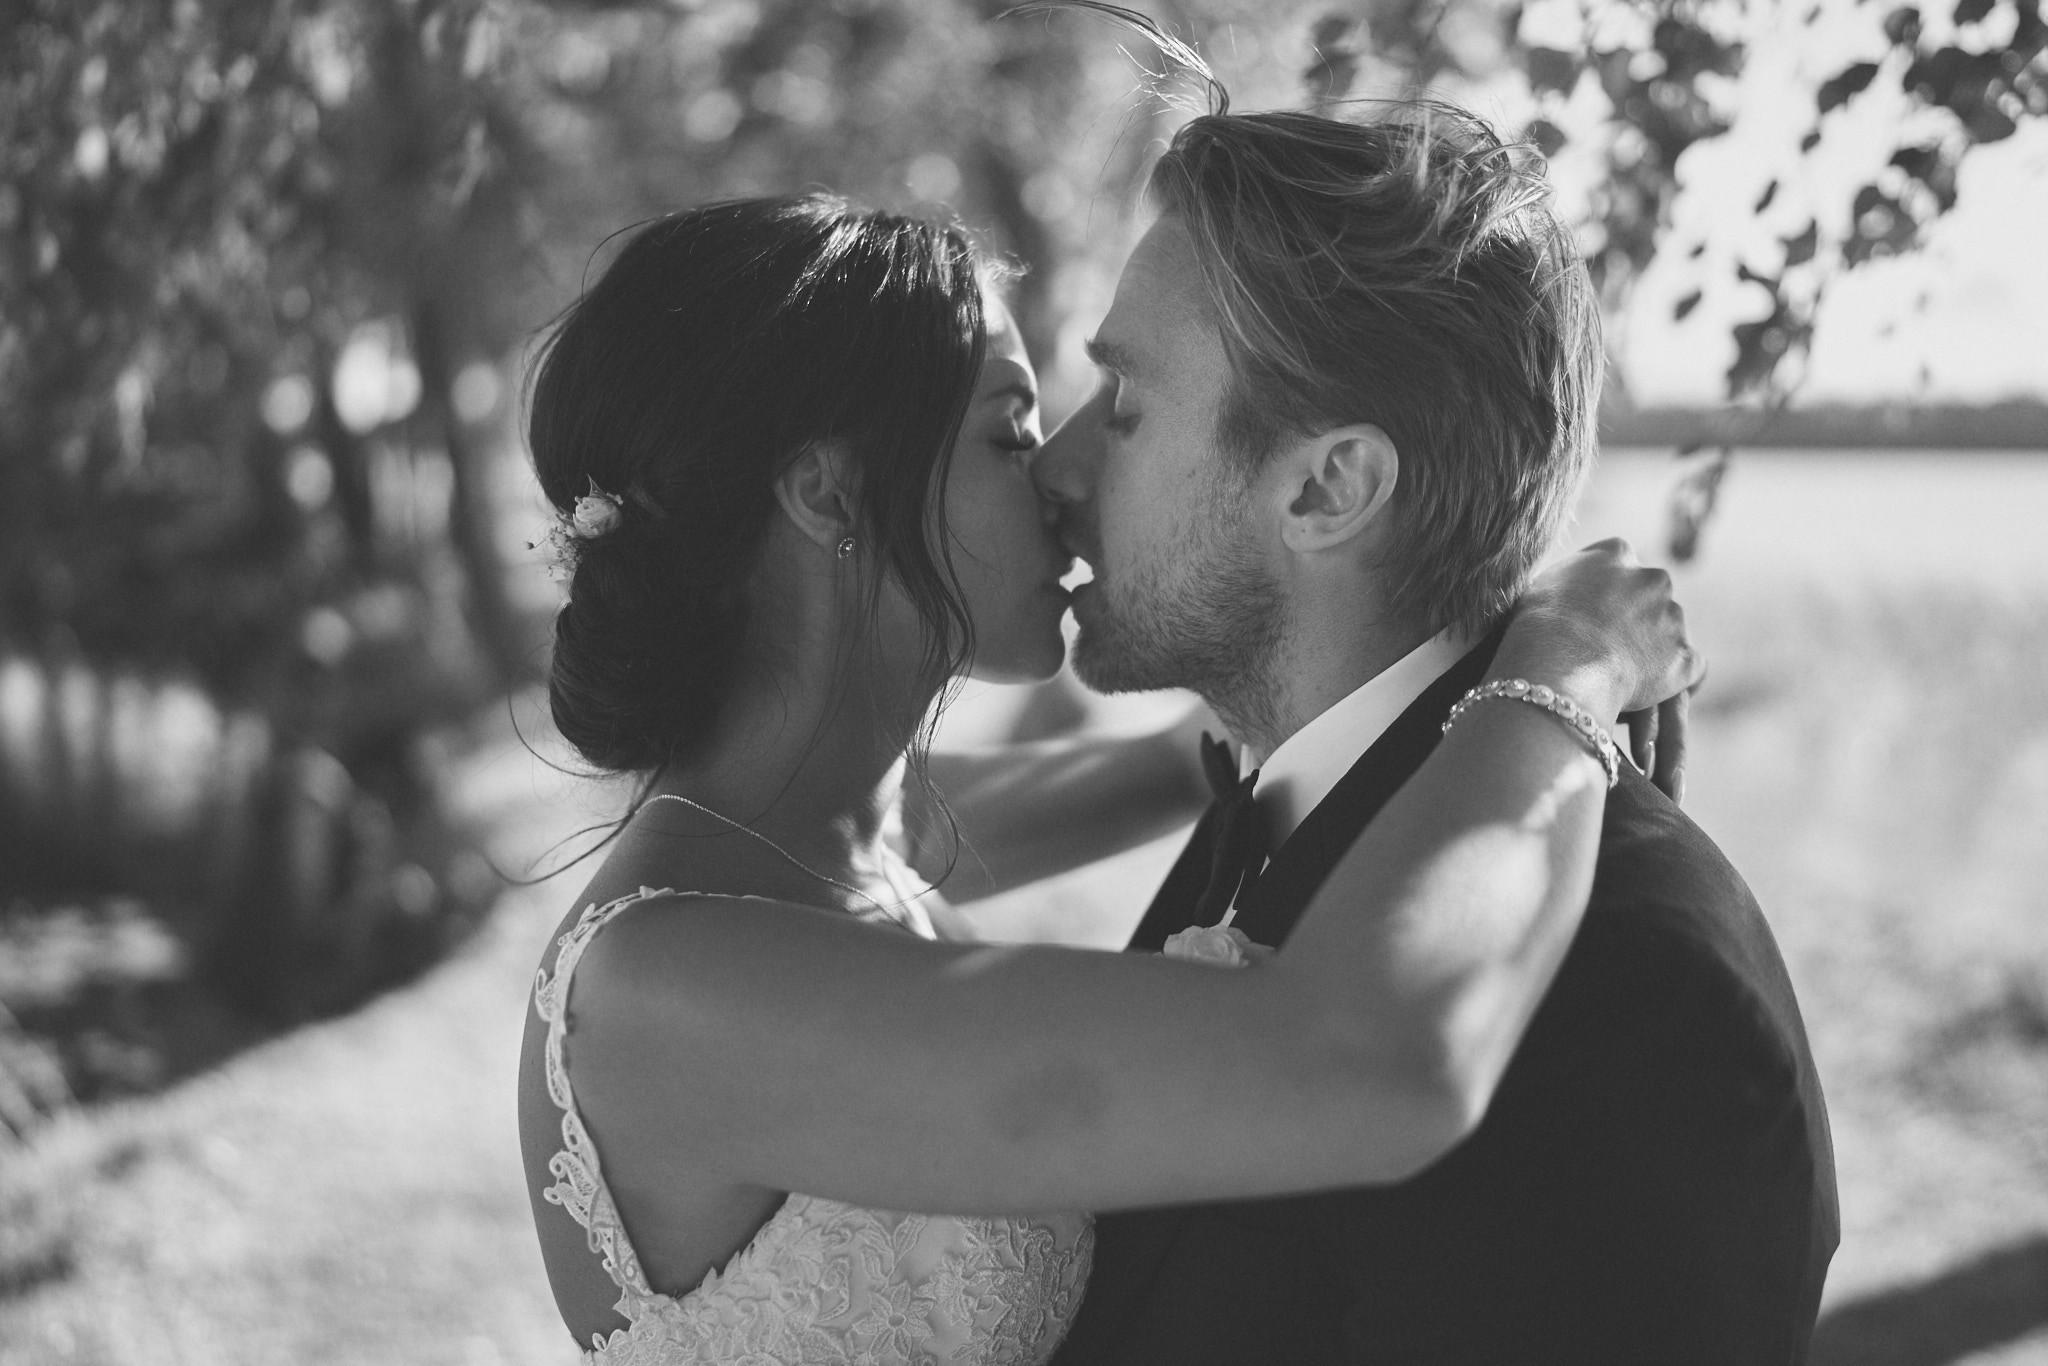 Det bästa bröllop vuxen dejting program katrineholm